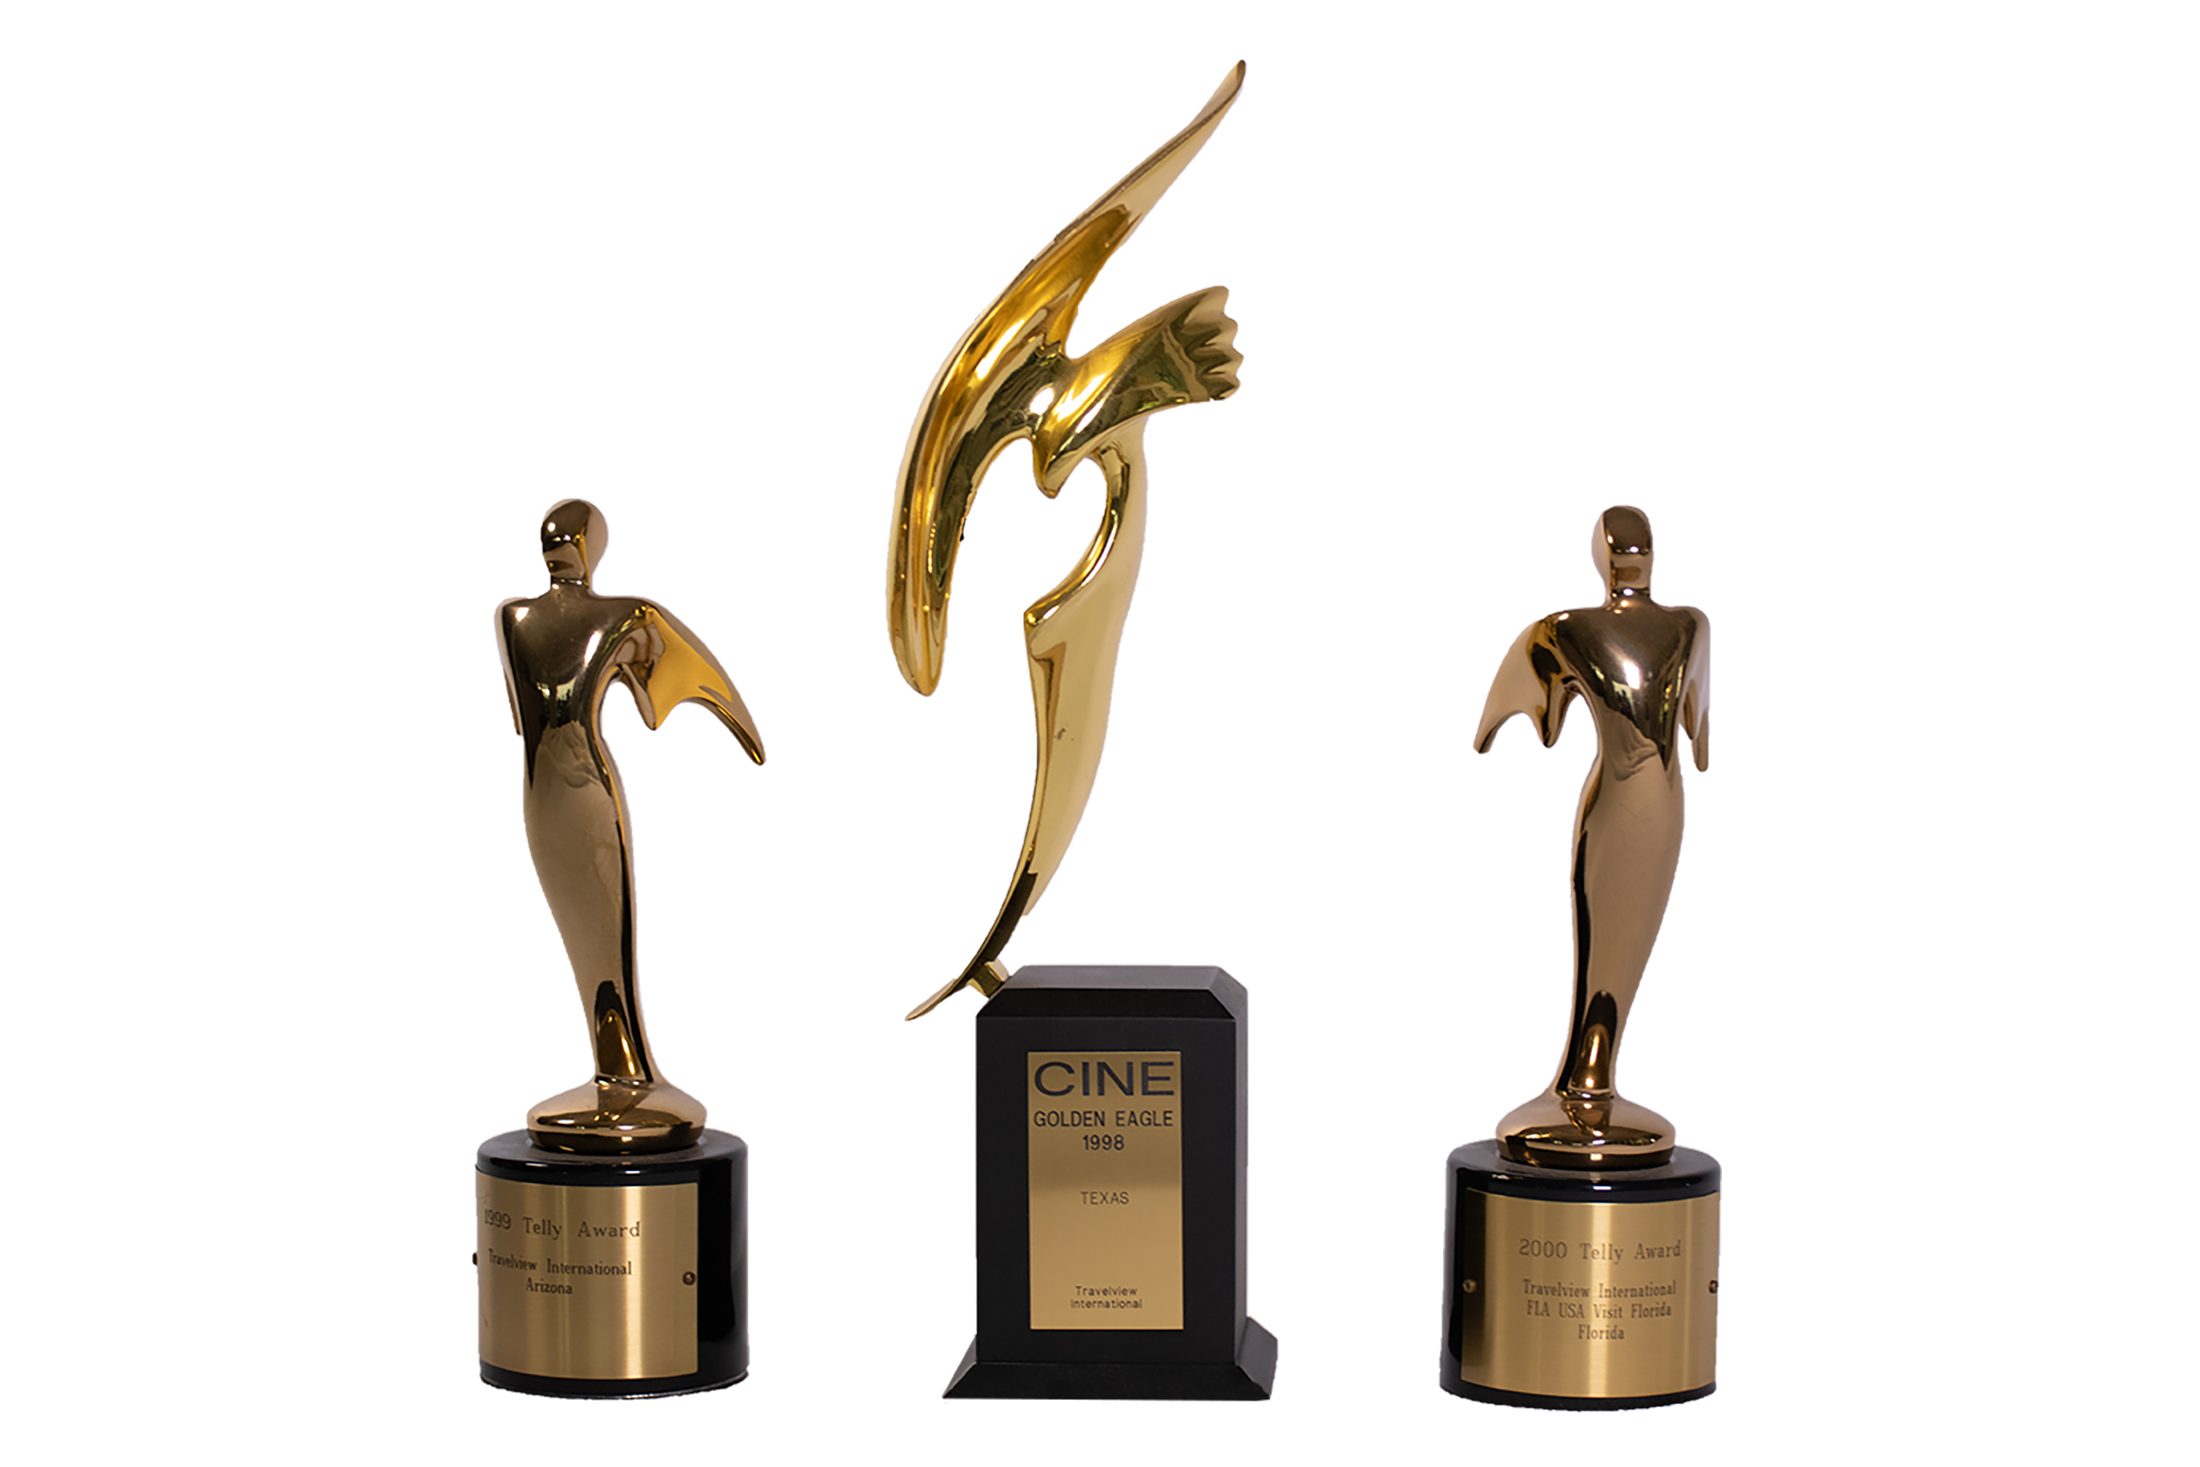 moving-image-award-winning-company-houston